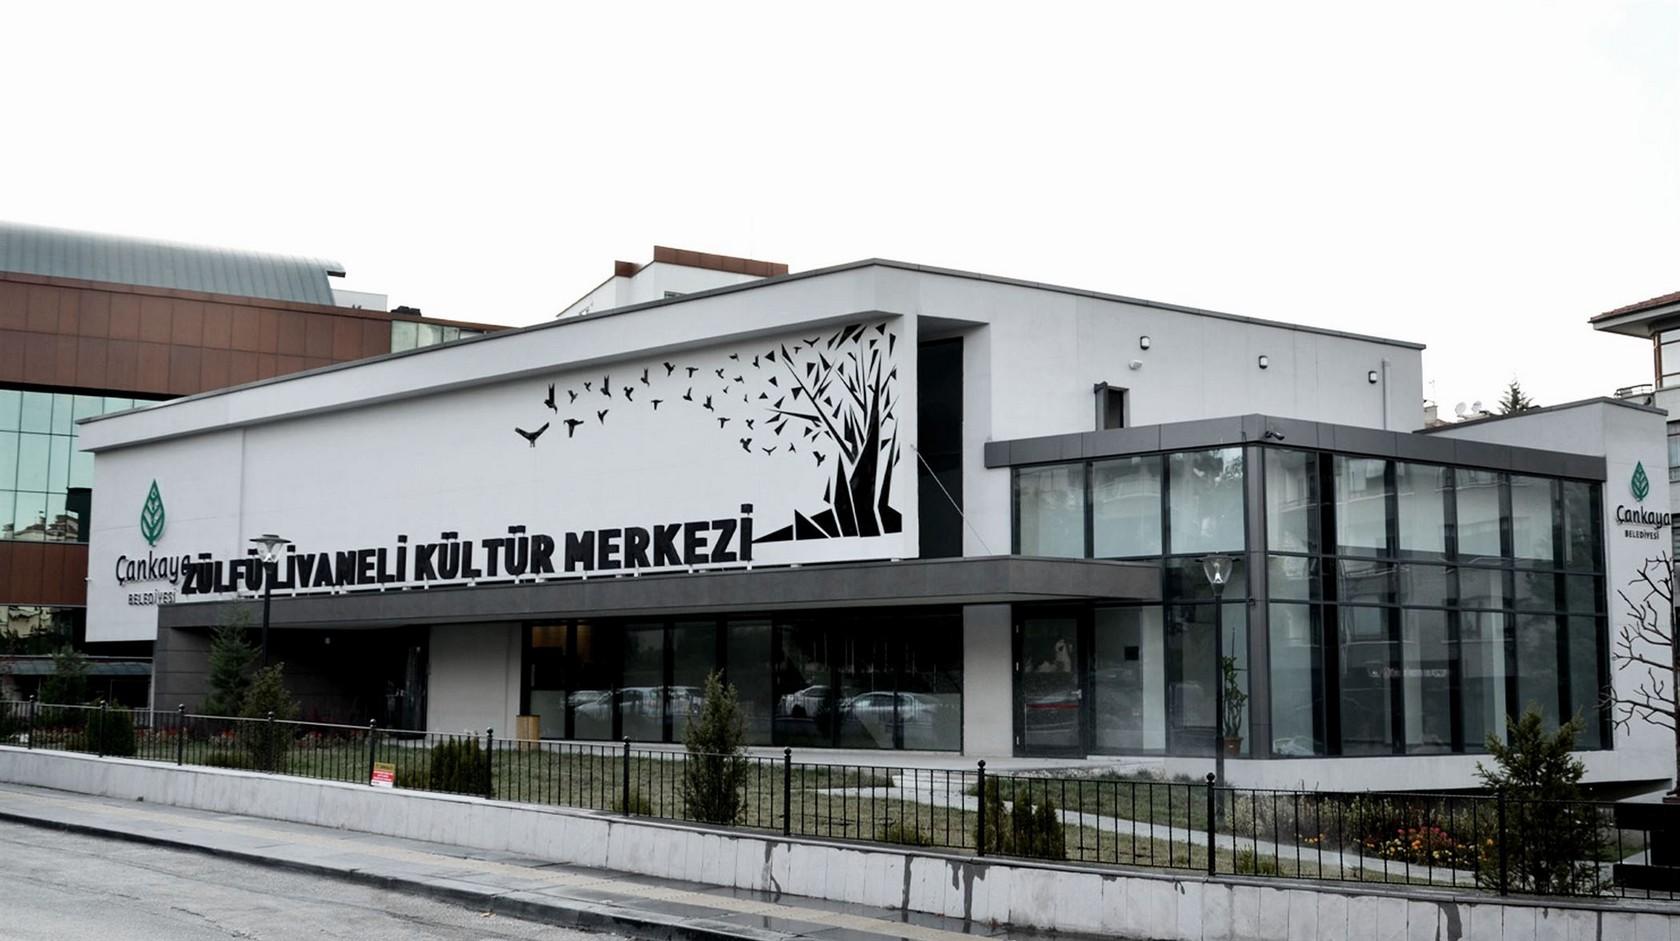 https://acemimarlik.com/Zülfü Livaneli Kültür Merkezi